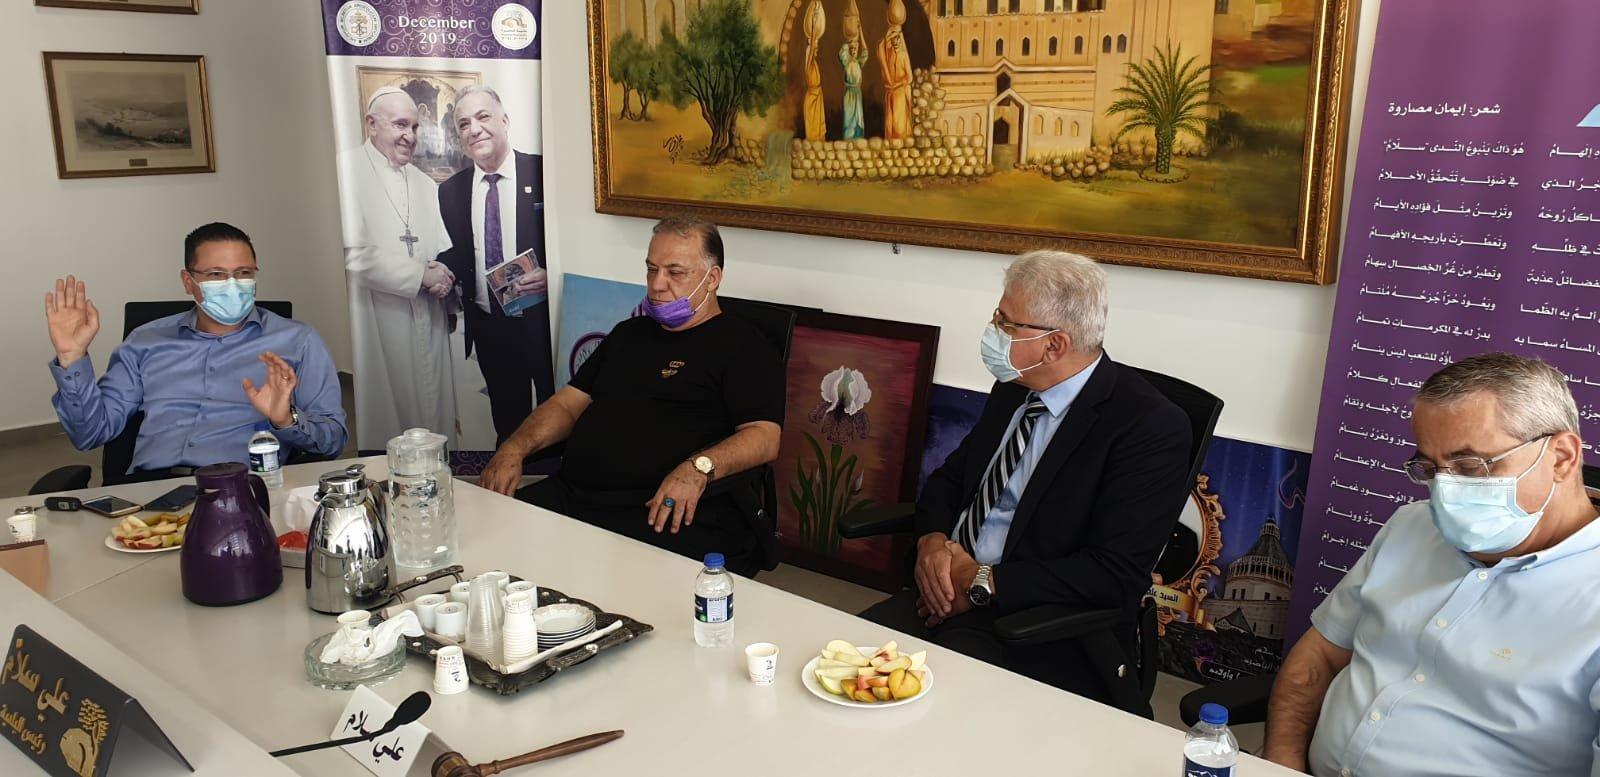 انطلاق مشروع المدارس الآمنة من الكورونا في الناصرة-2